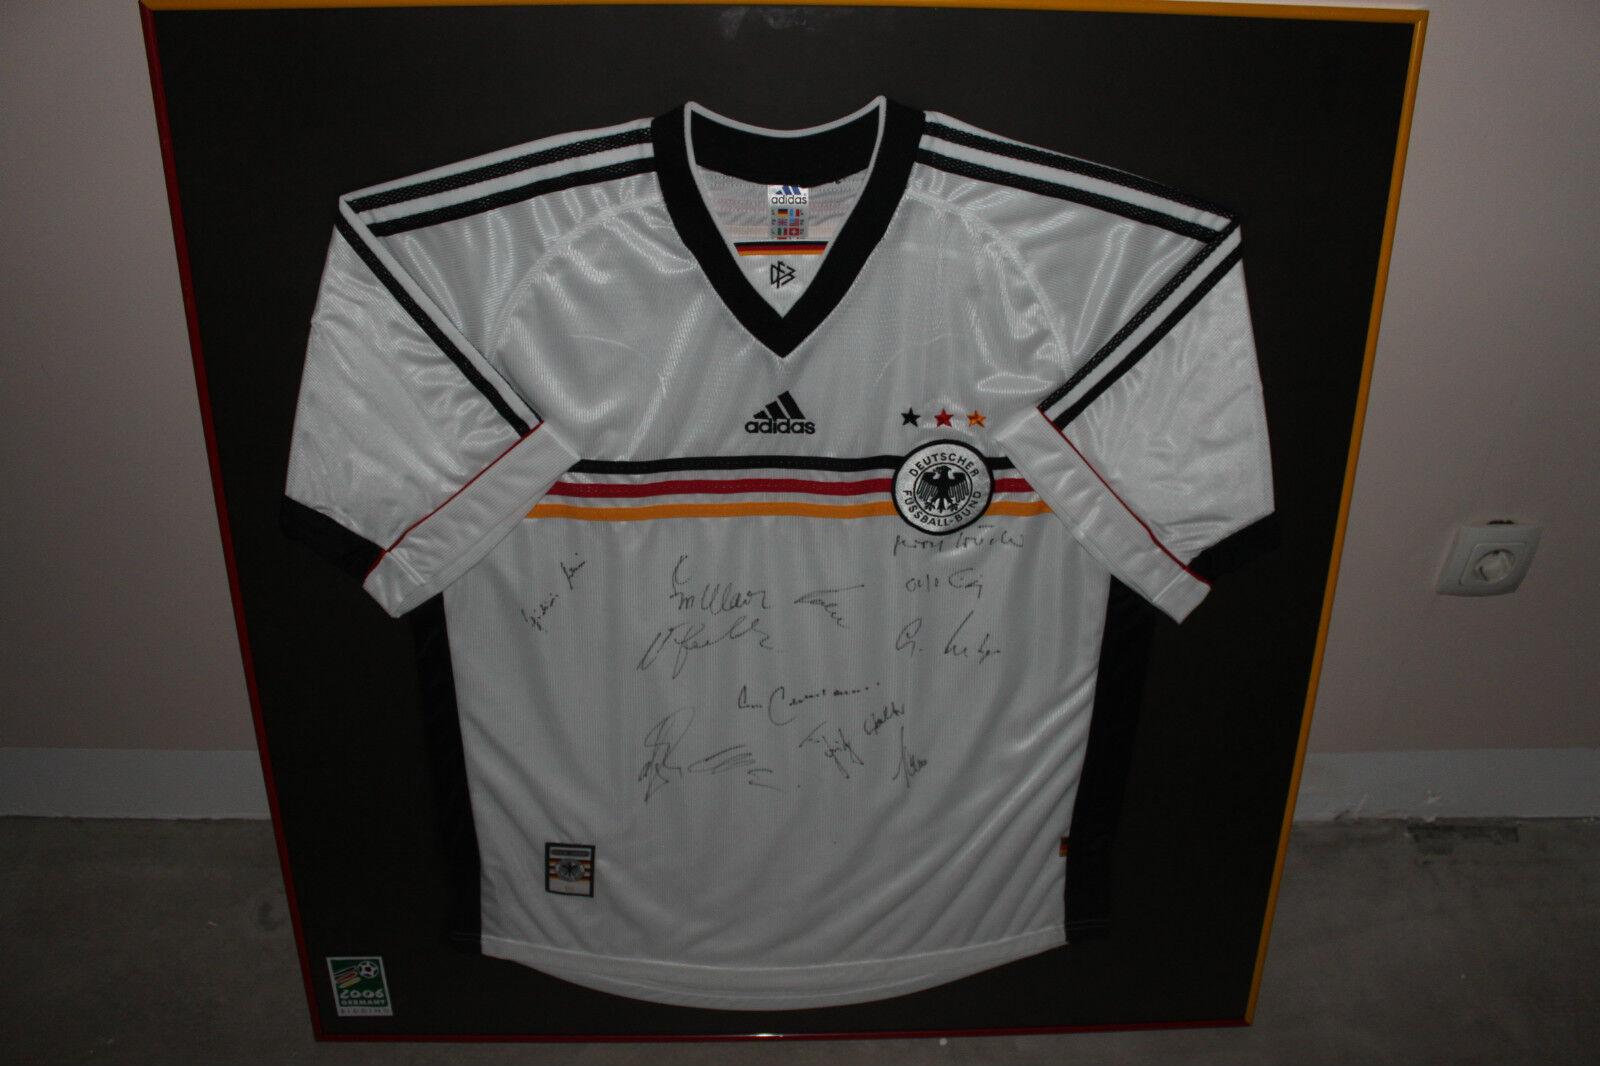 Sponsorentrikot WM 2006 für Verbände National und International mit Rahmen